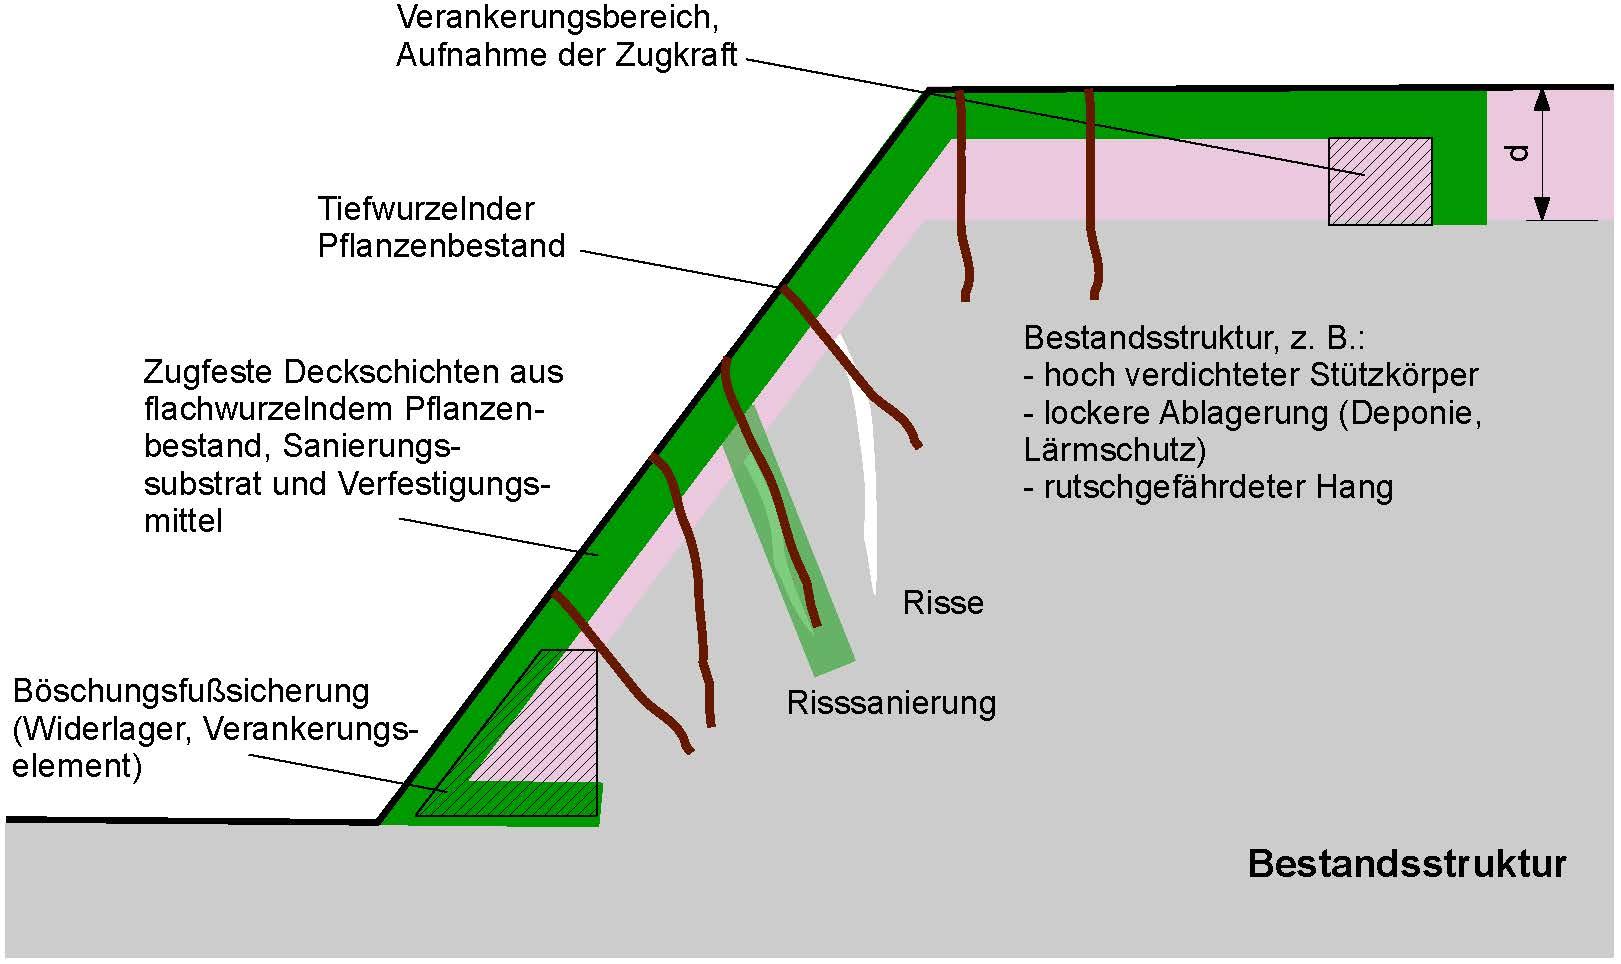 HERMES - Nachhaltige Ertüchtigungsverfahren - Umweltingenieurtechn. Verfahren zur nachhaltigen Instandsetzung natürlicher Ressourcen